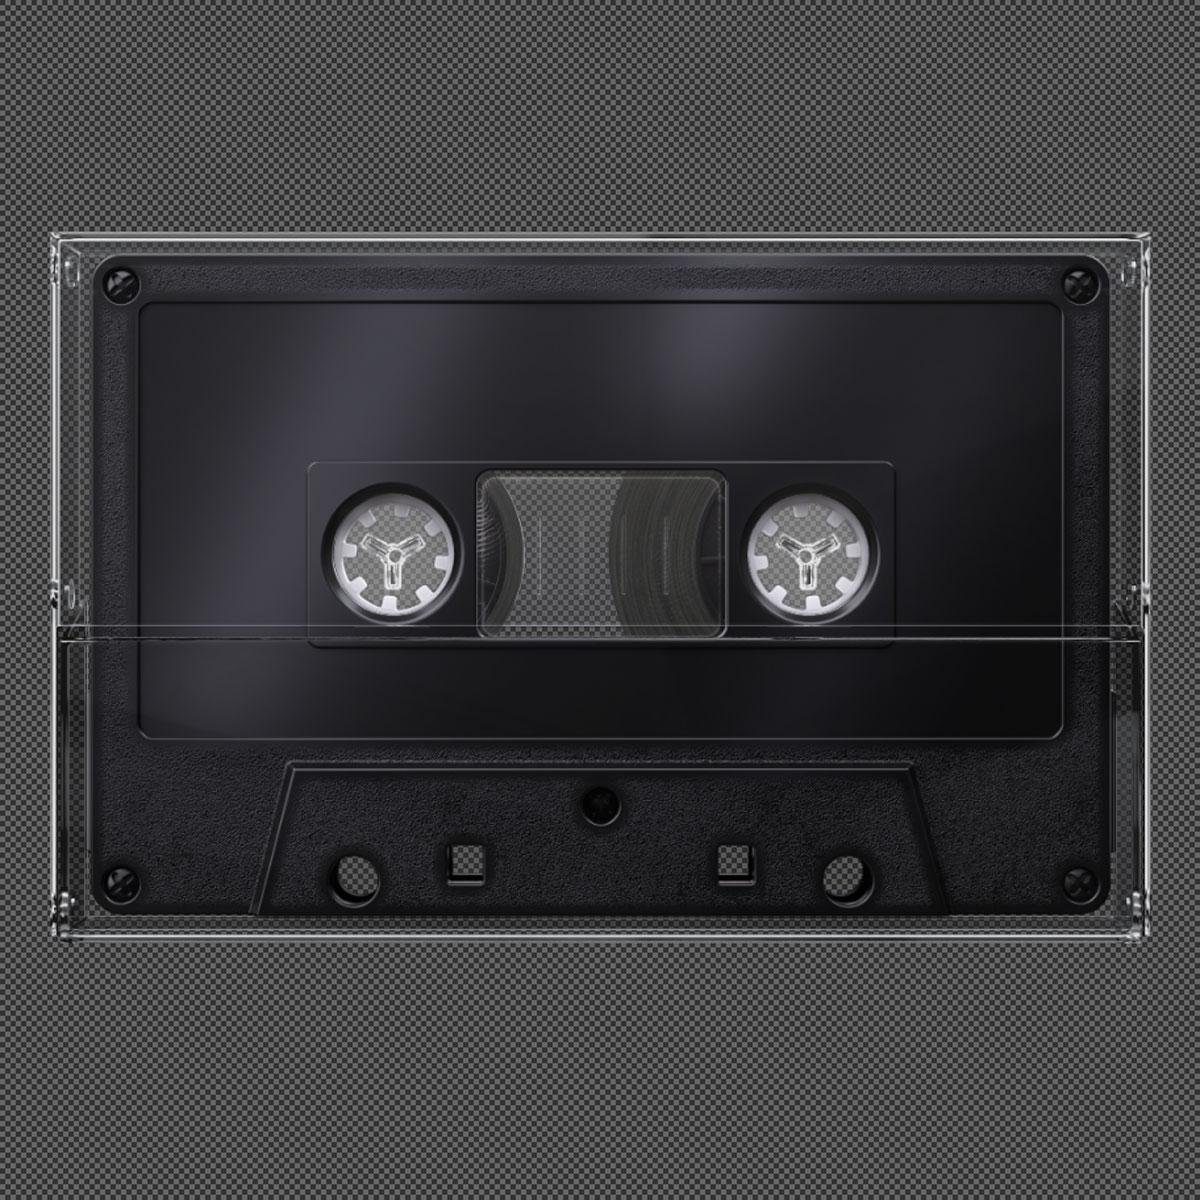 [淘宝购买] 潮流复古盒式磁带录音带设计智能贴图展示样机模板 Undead's Mix '80插图(8)